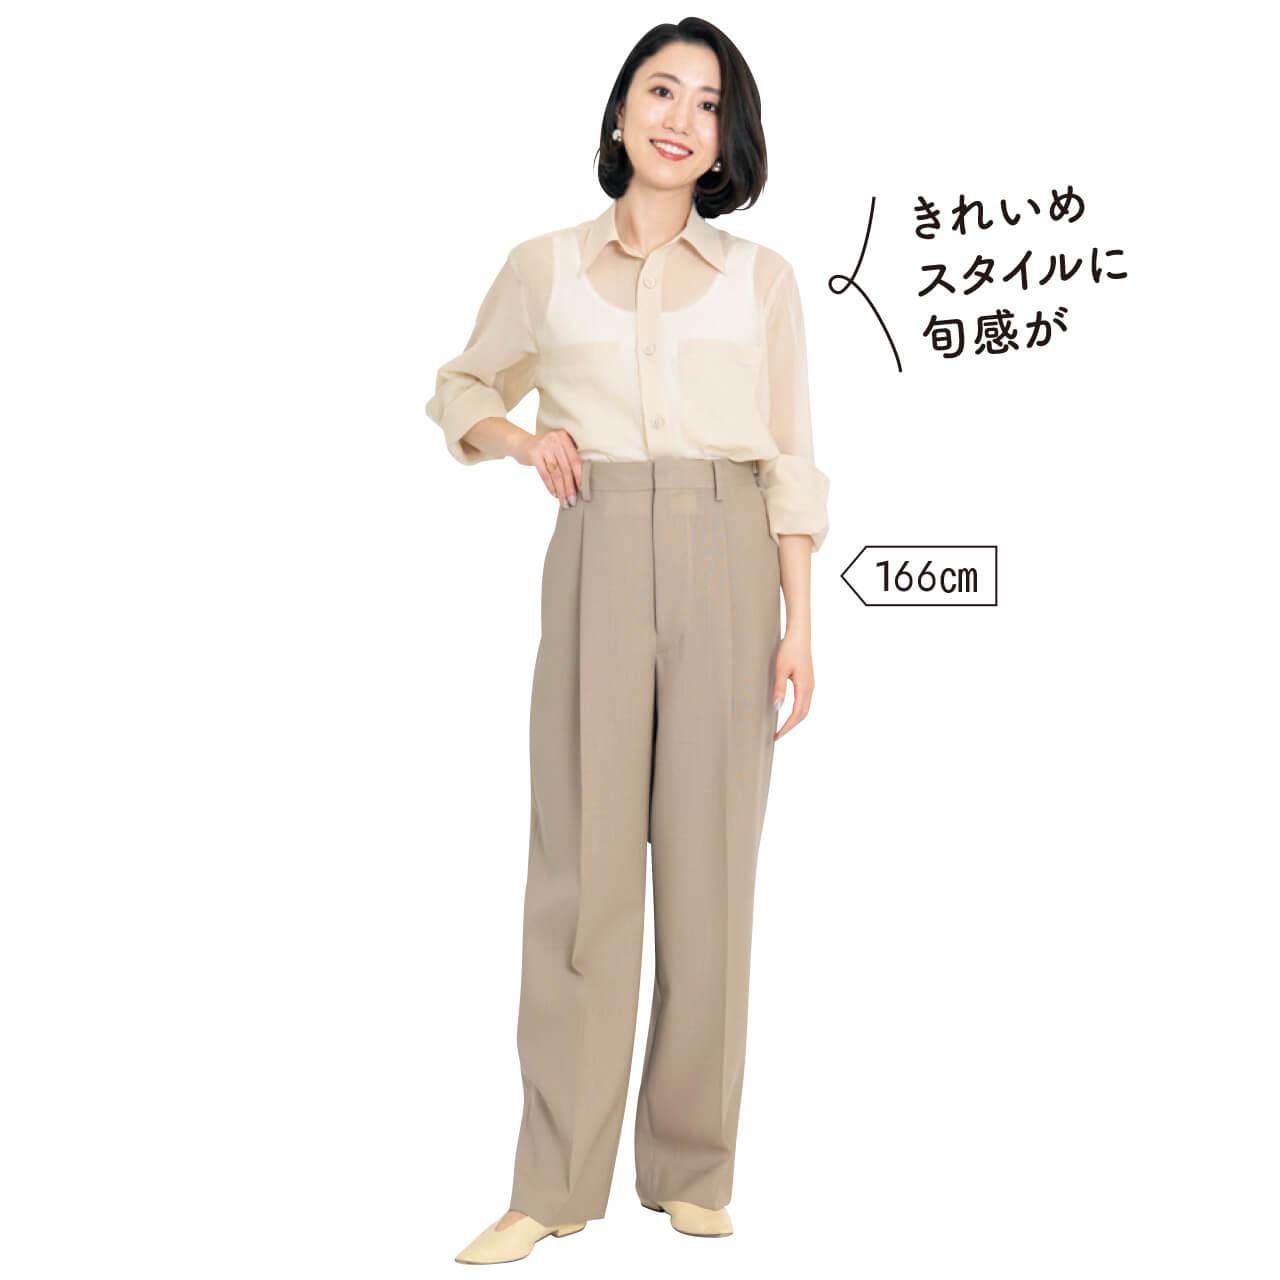 166cm LEEキャラクター山本さん「きれいめスタイルに旬感が」